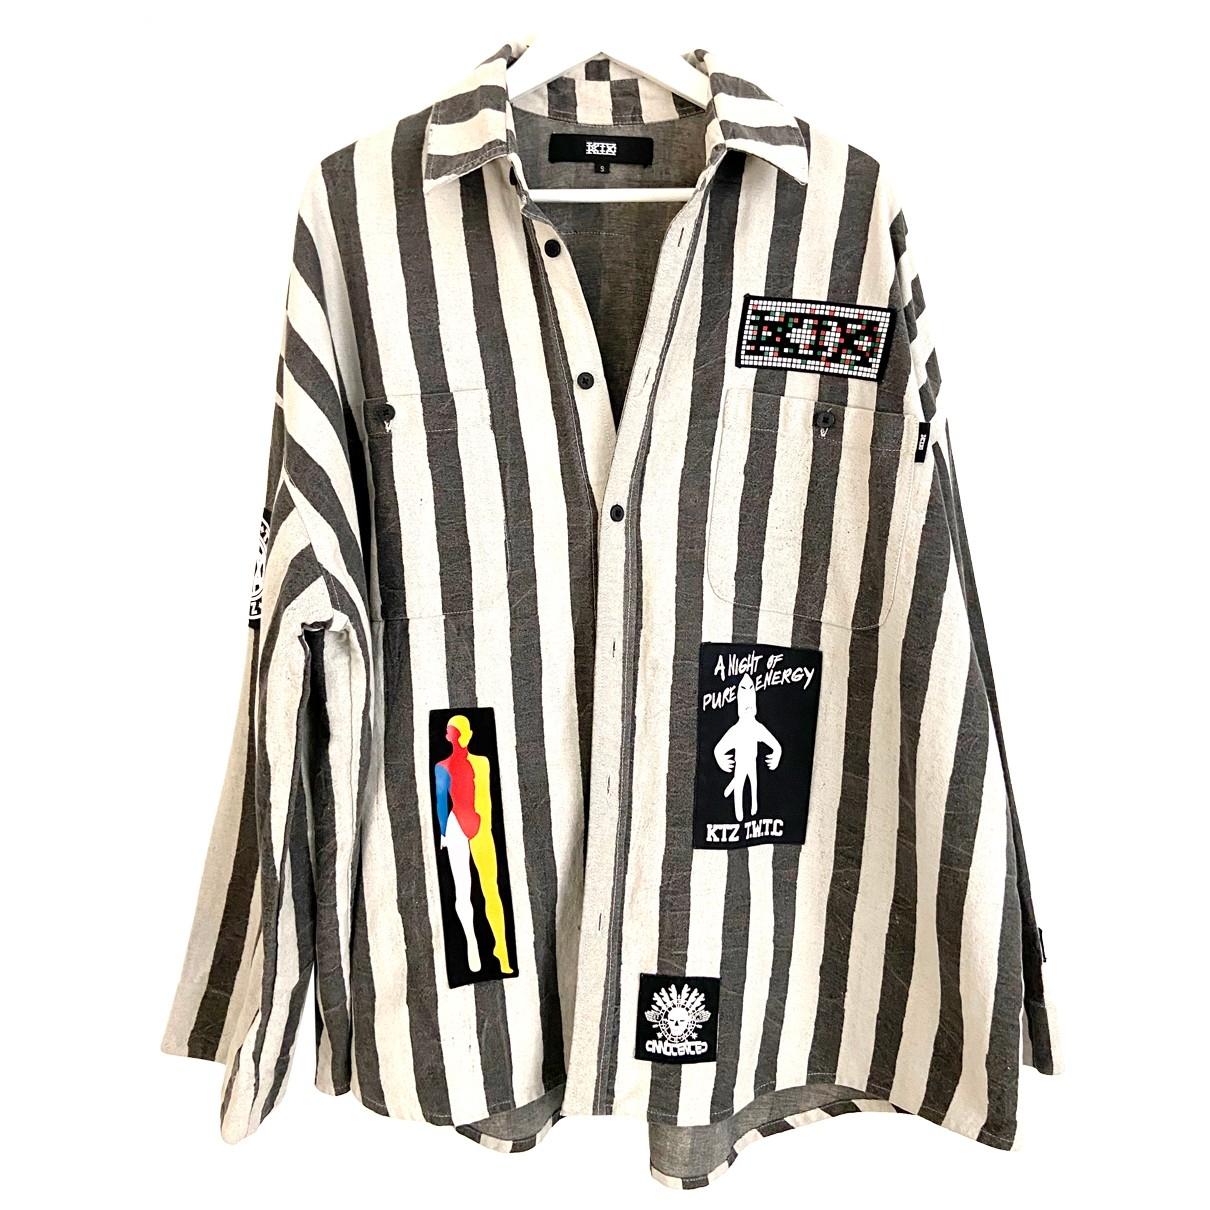 Ktz - Chemises   pour homme en denim - multicolore